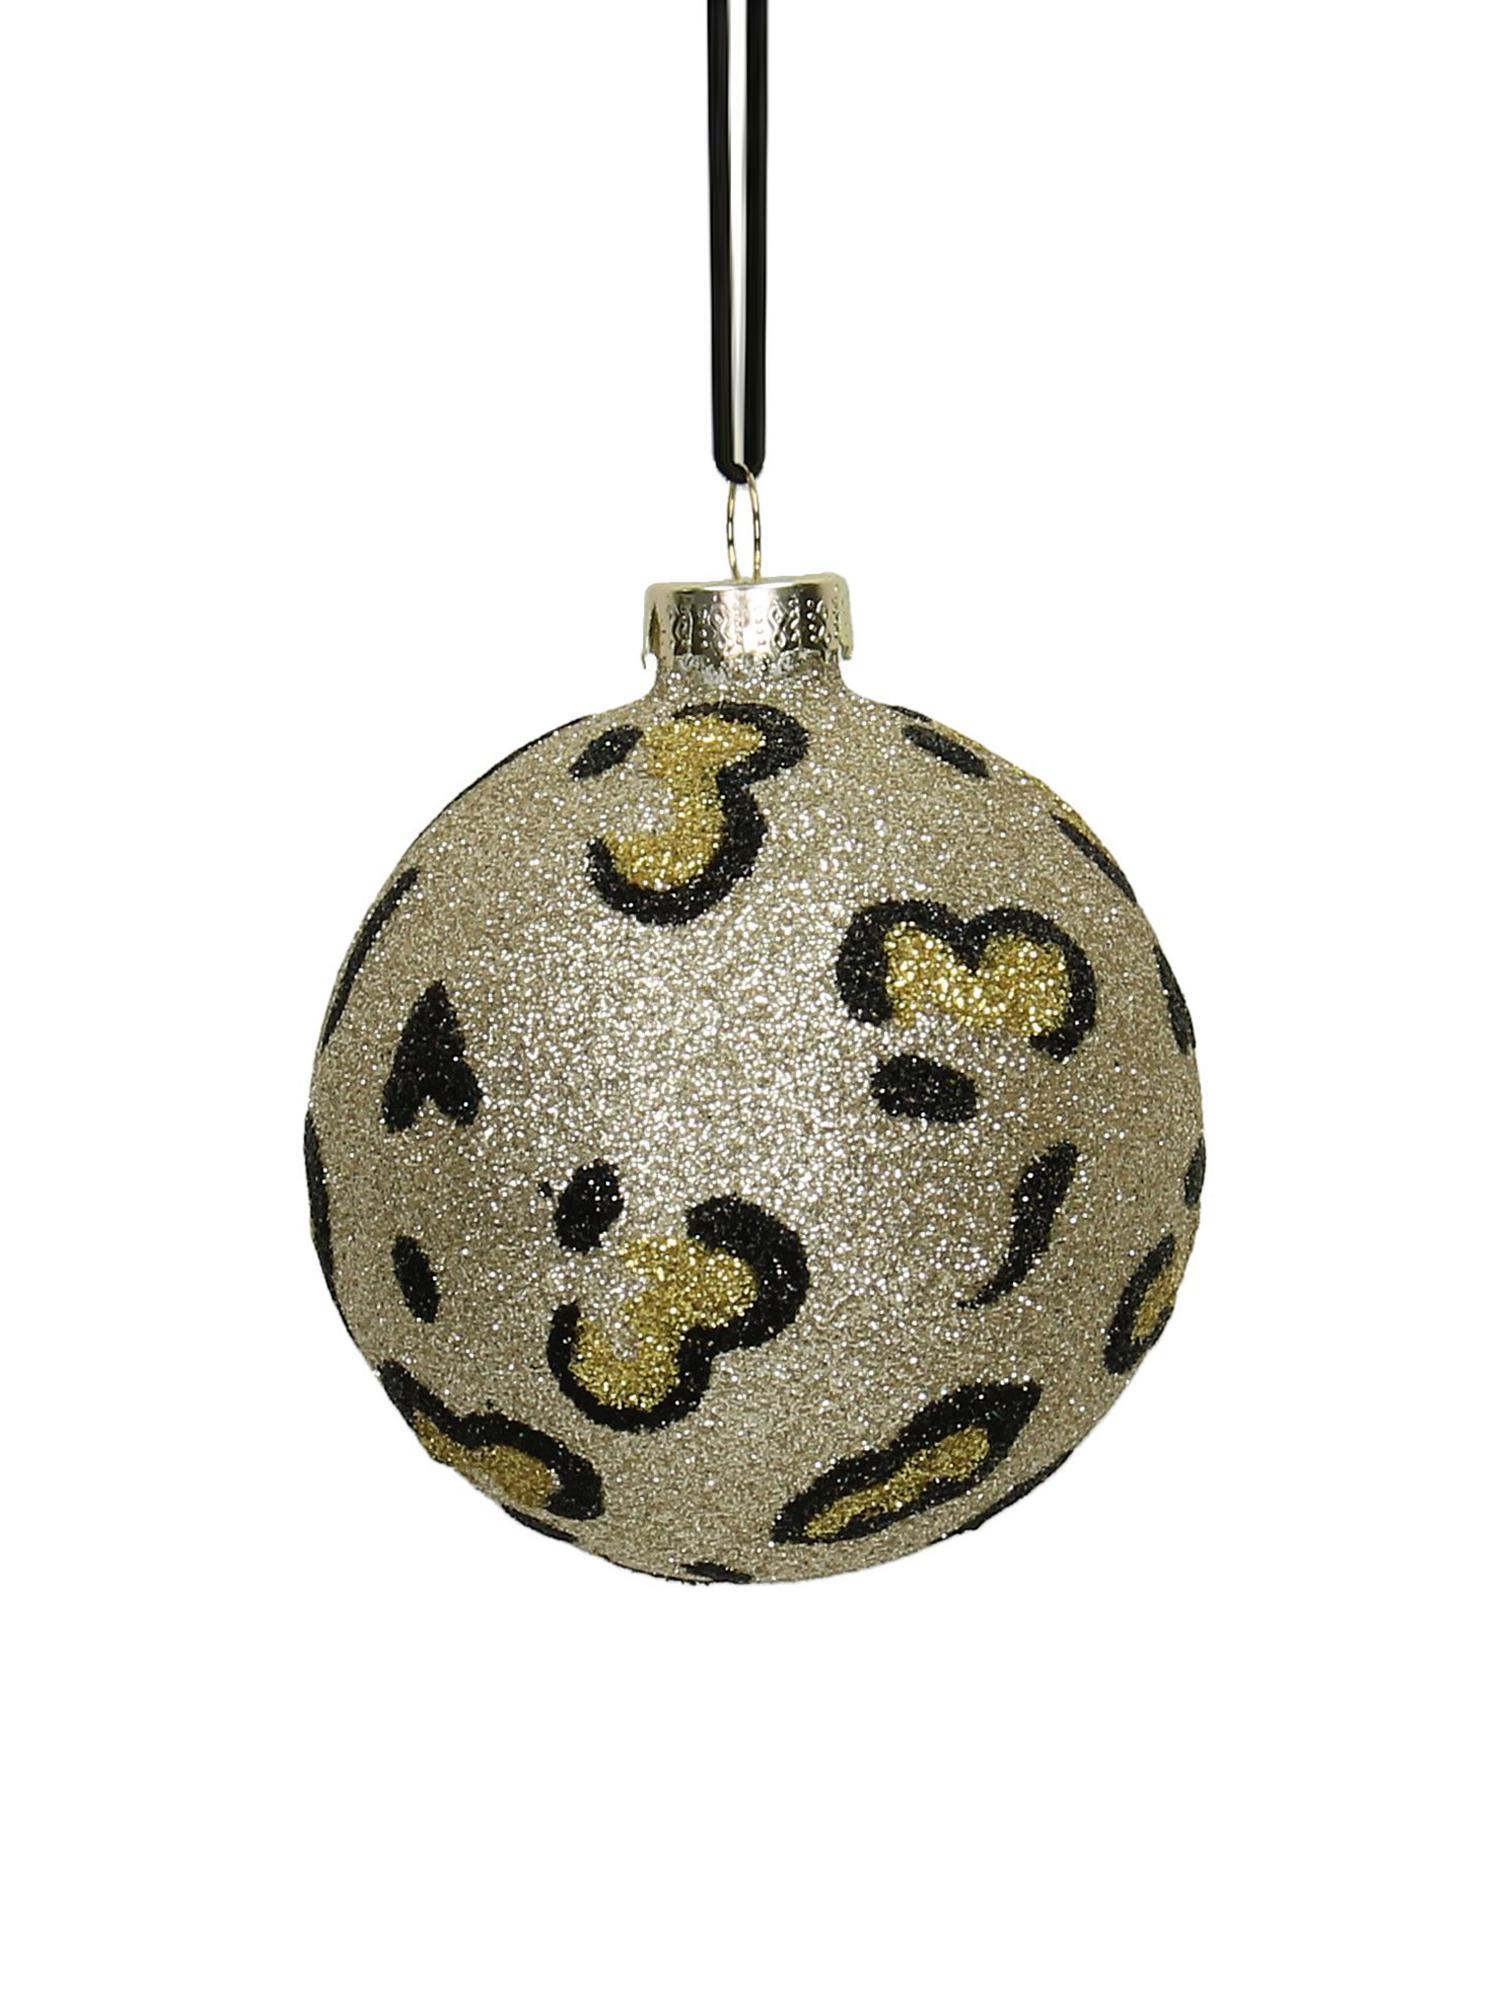 Weihnachtskugeln Krave, 2 Stück, Goldfarben, Schwarz, Ø 8 cm